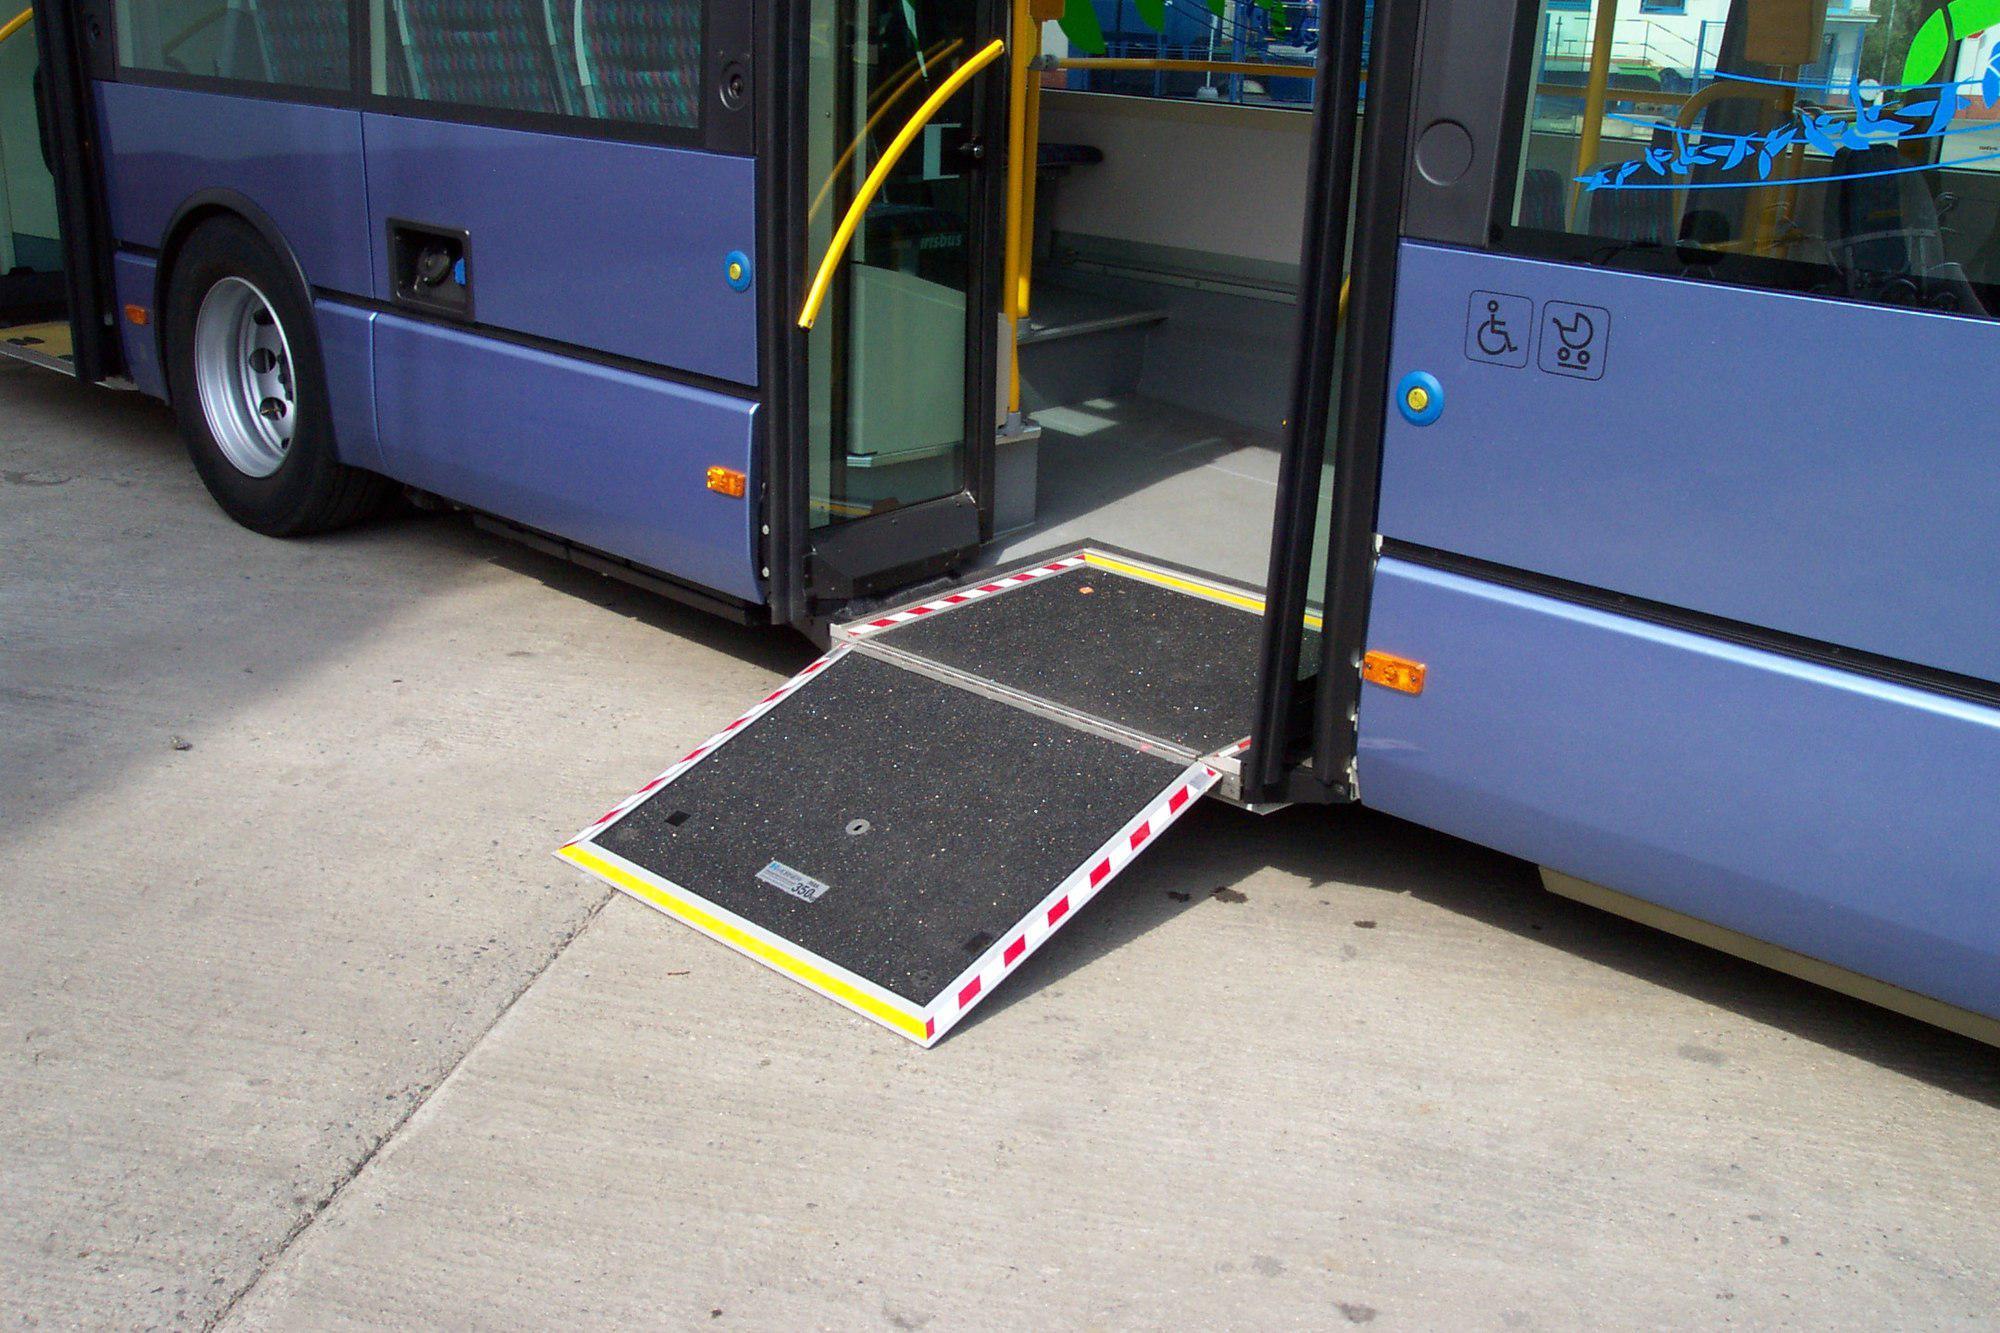 8ef60df9f Los carritos dobles podrán ir en autobús | Hora Punta